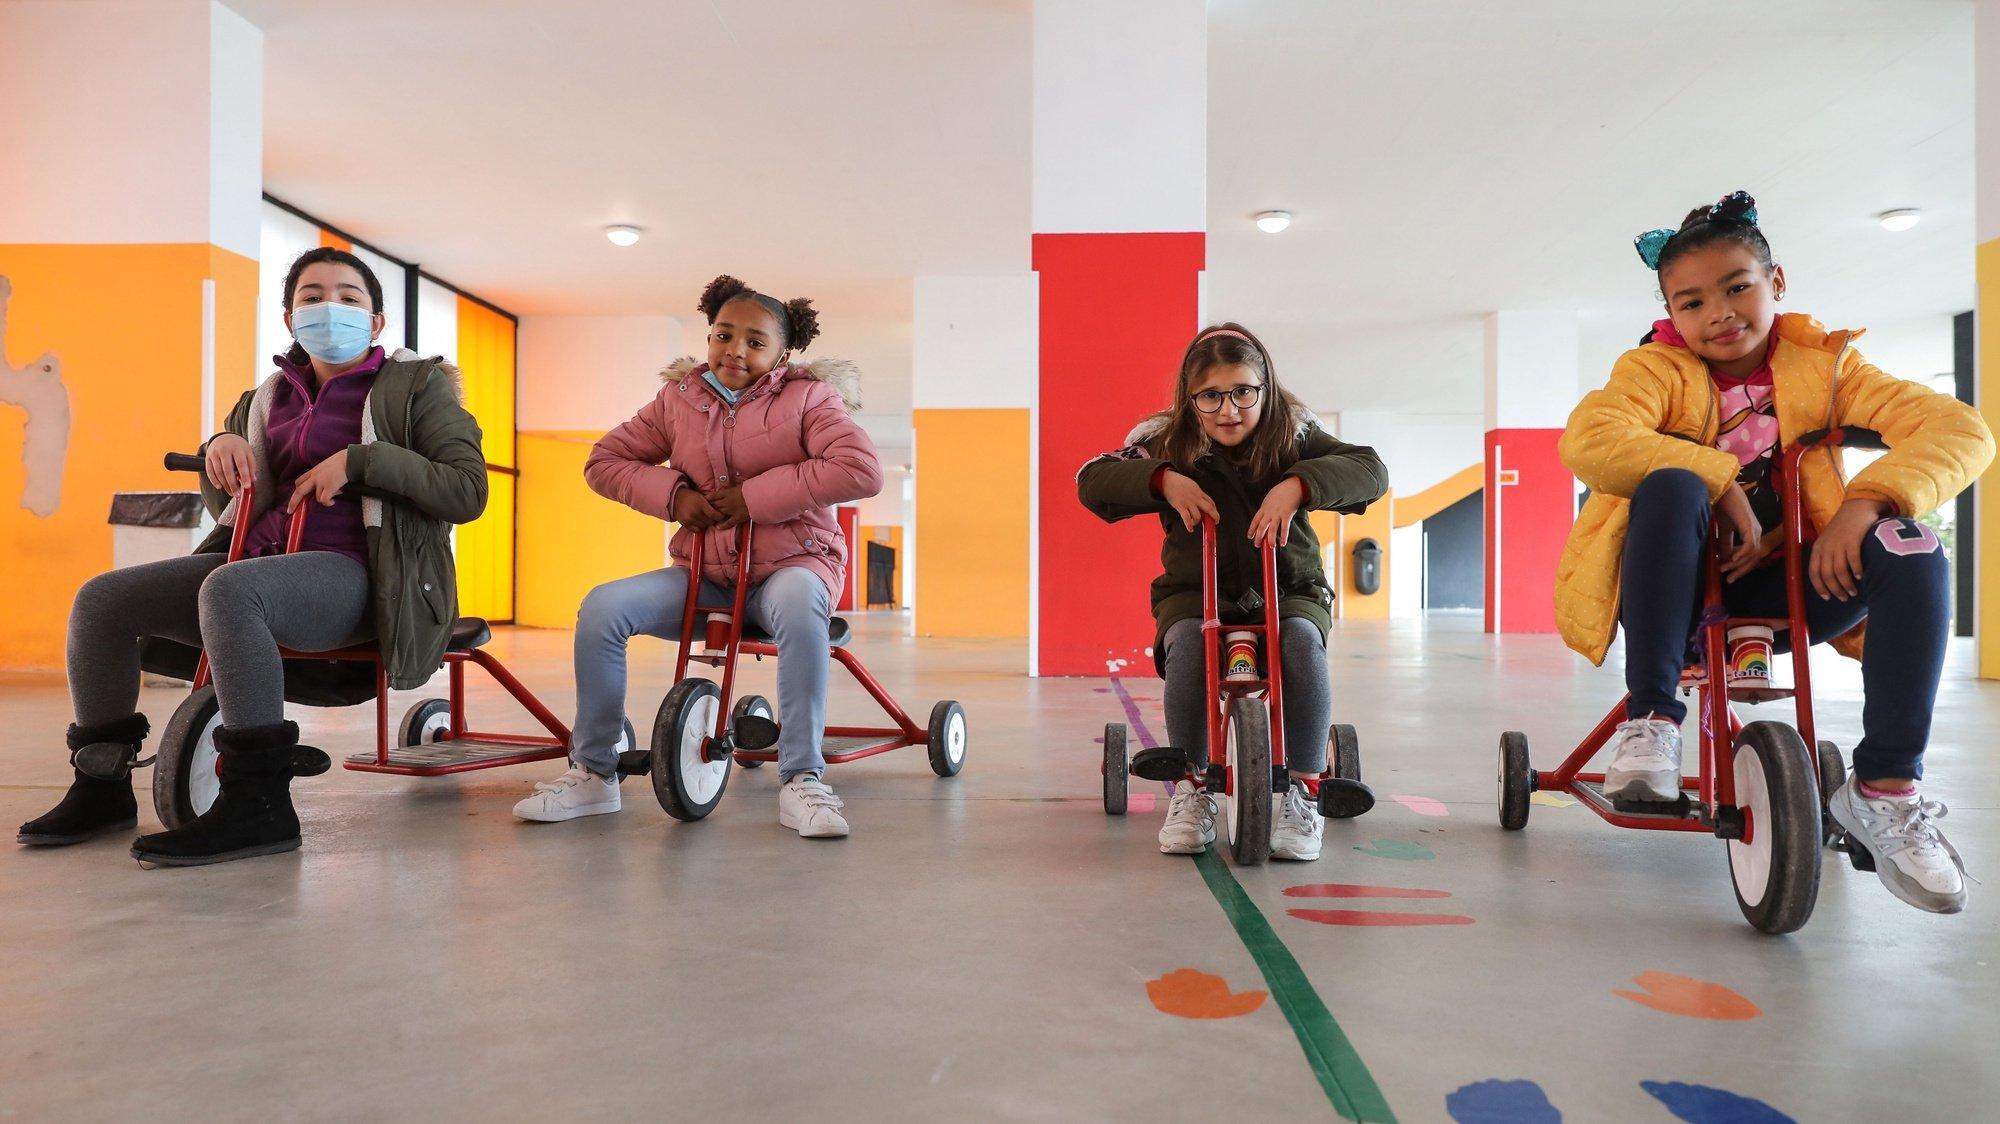 Crianças da Escola EB1/JI de Porto Salvo brincam com triciclos no pátio interior da instituição de ensino. Oeiras, 26 de janeiro de 2021. A escola está a dar acompanhamento a 10 crianças cujos pais são profissionais de serviços essenciais e onde são distribuídas 24 refeições a alunos com escalão A ou B, (ACOMPANHA TEXTO DA LUSA DO DIA 27 DE JANEIRO DE 2021). MIGUEL A. LOPES/LUSA